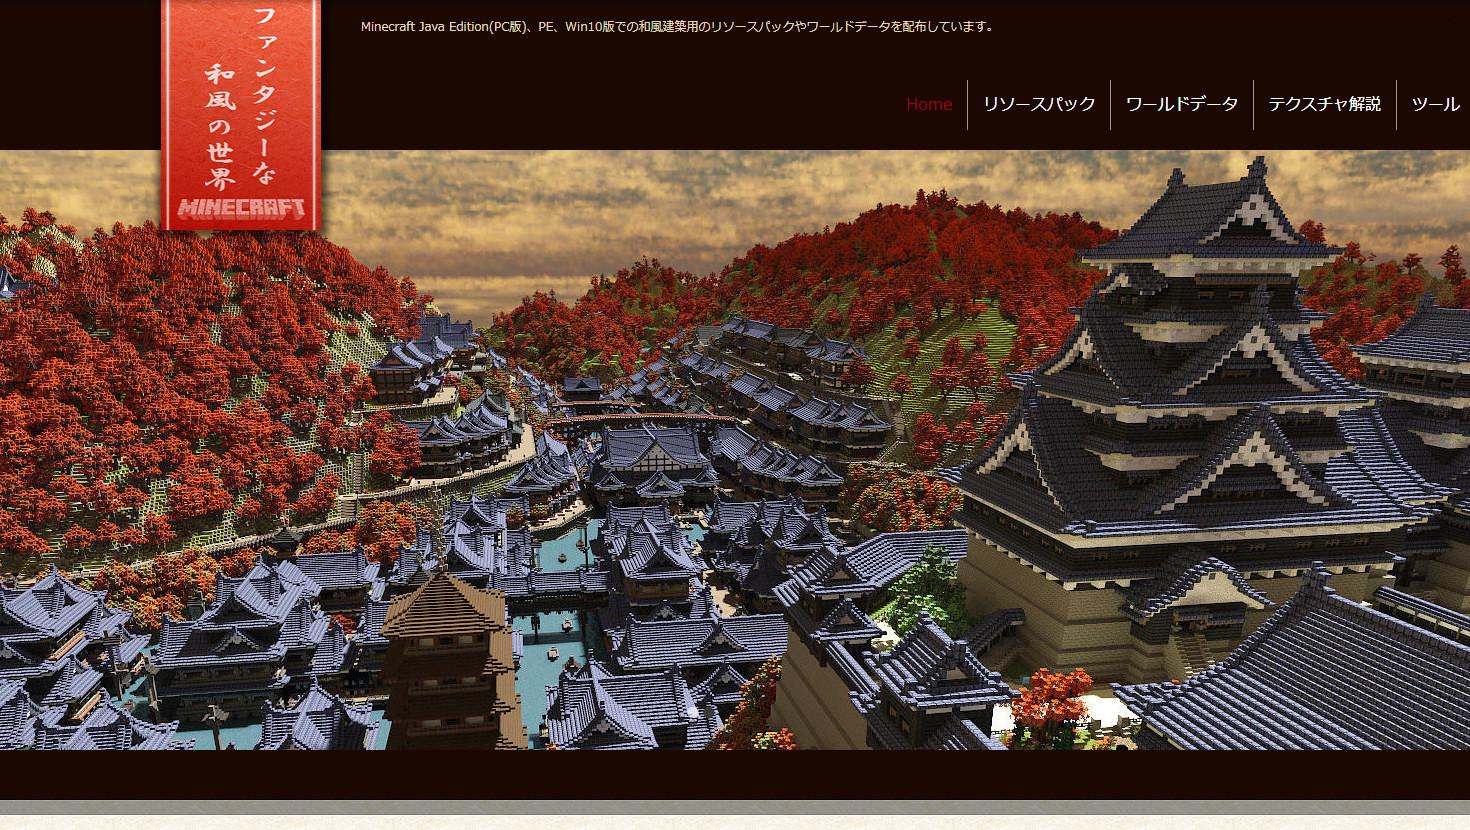 和風建築向けリソースパック「Tachibana TEX 3D」【Minecraft】